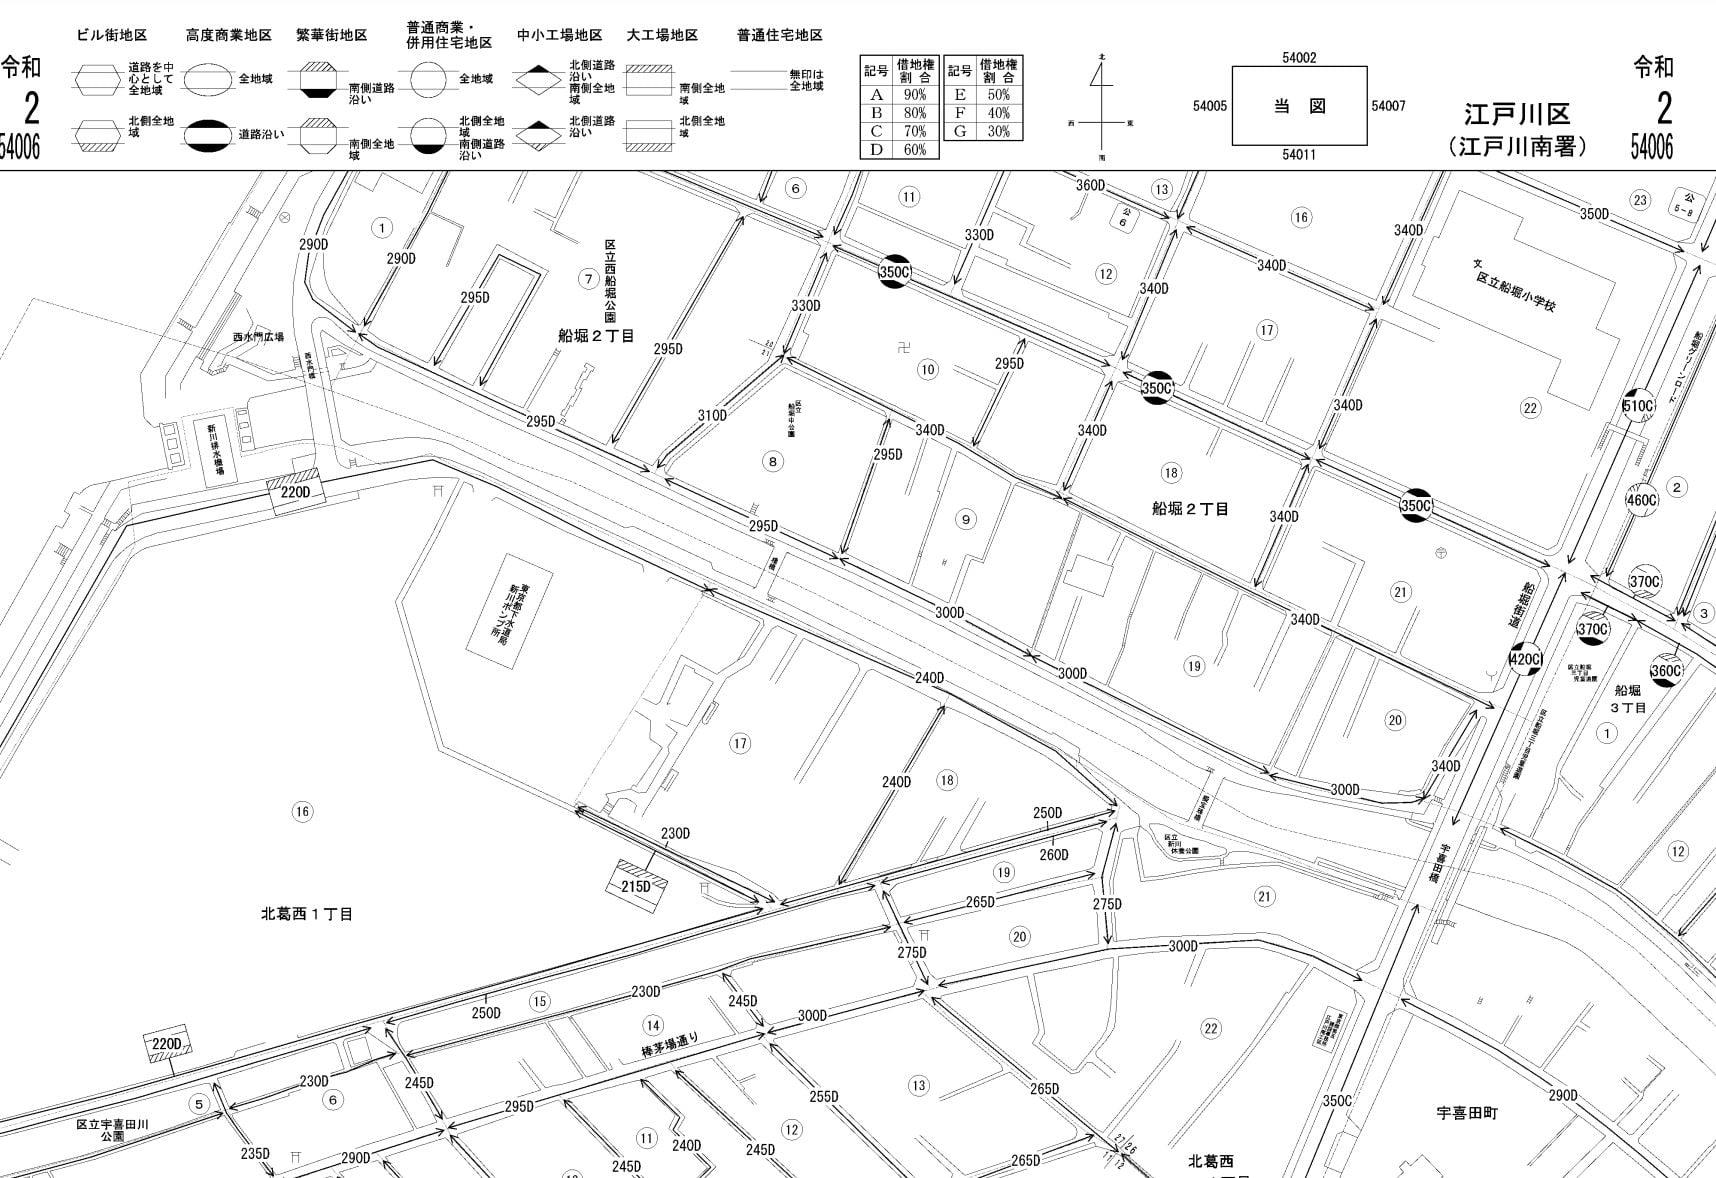 江戸川区の路線価図